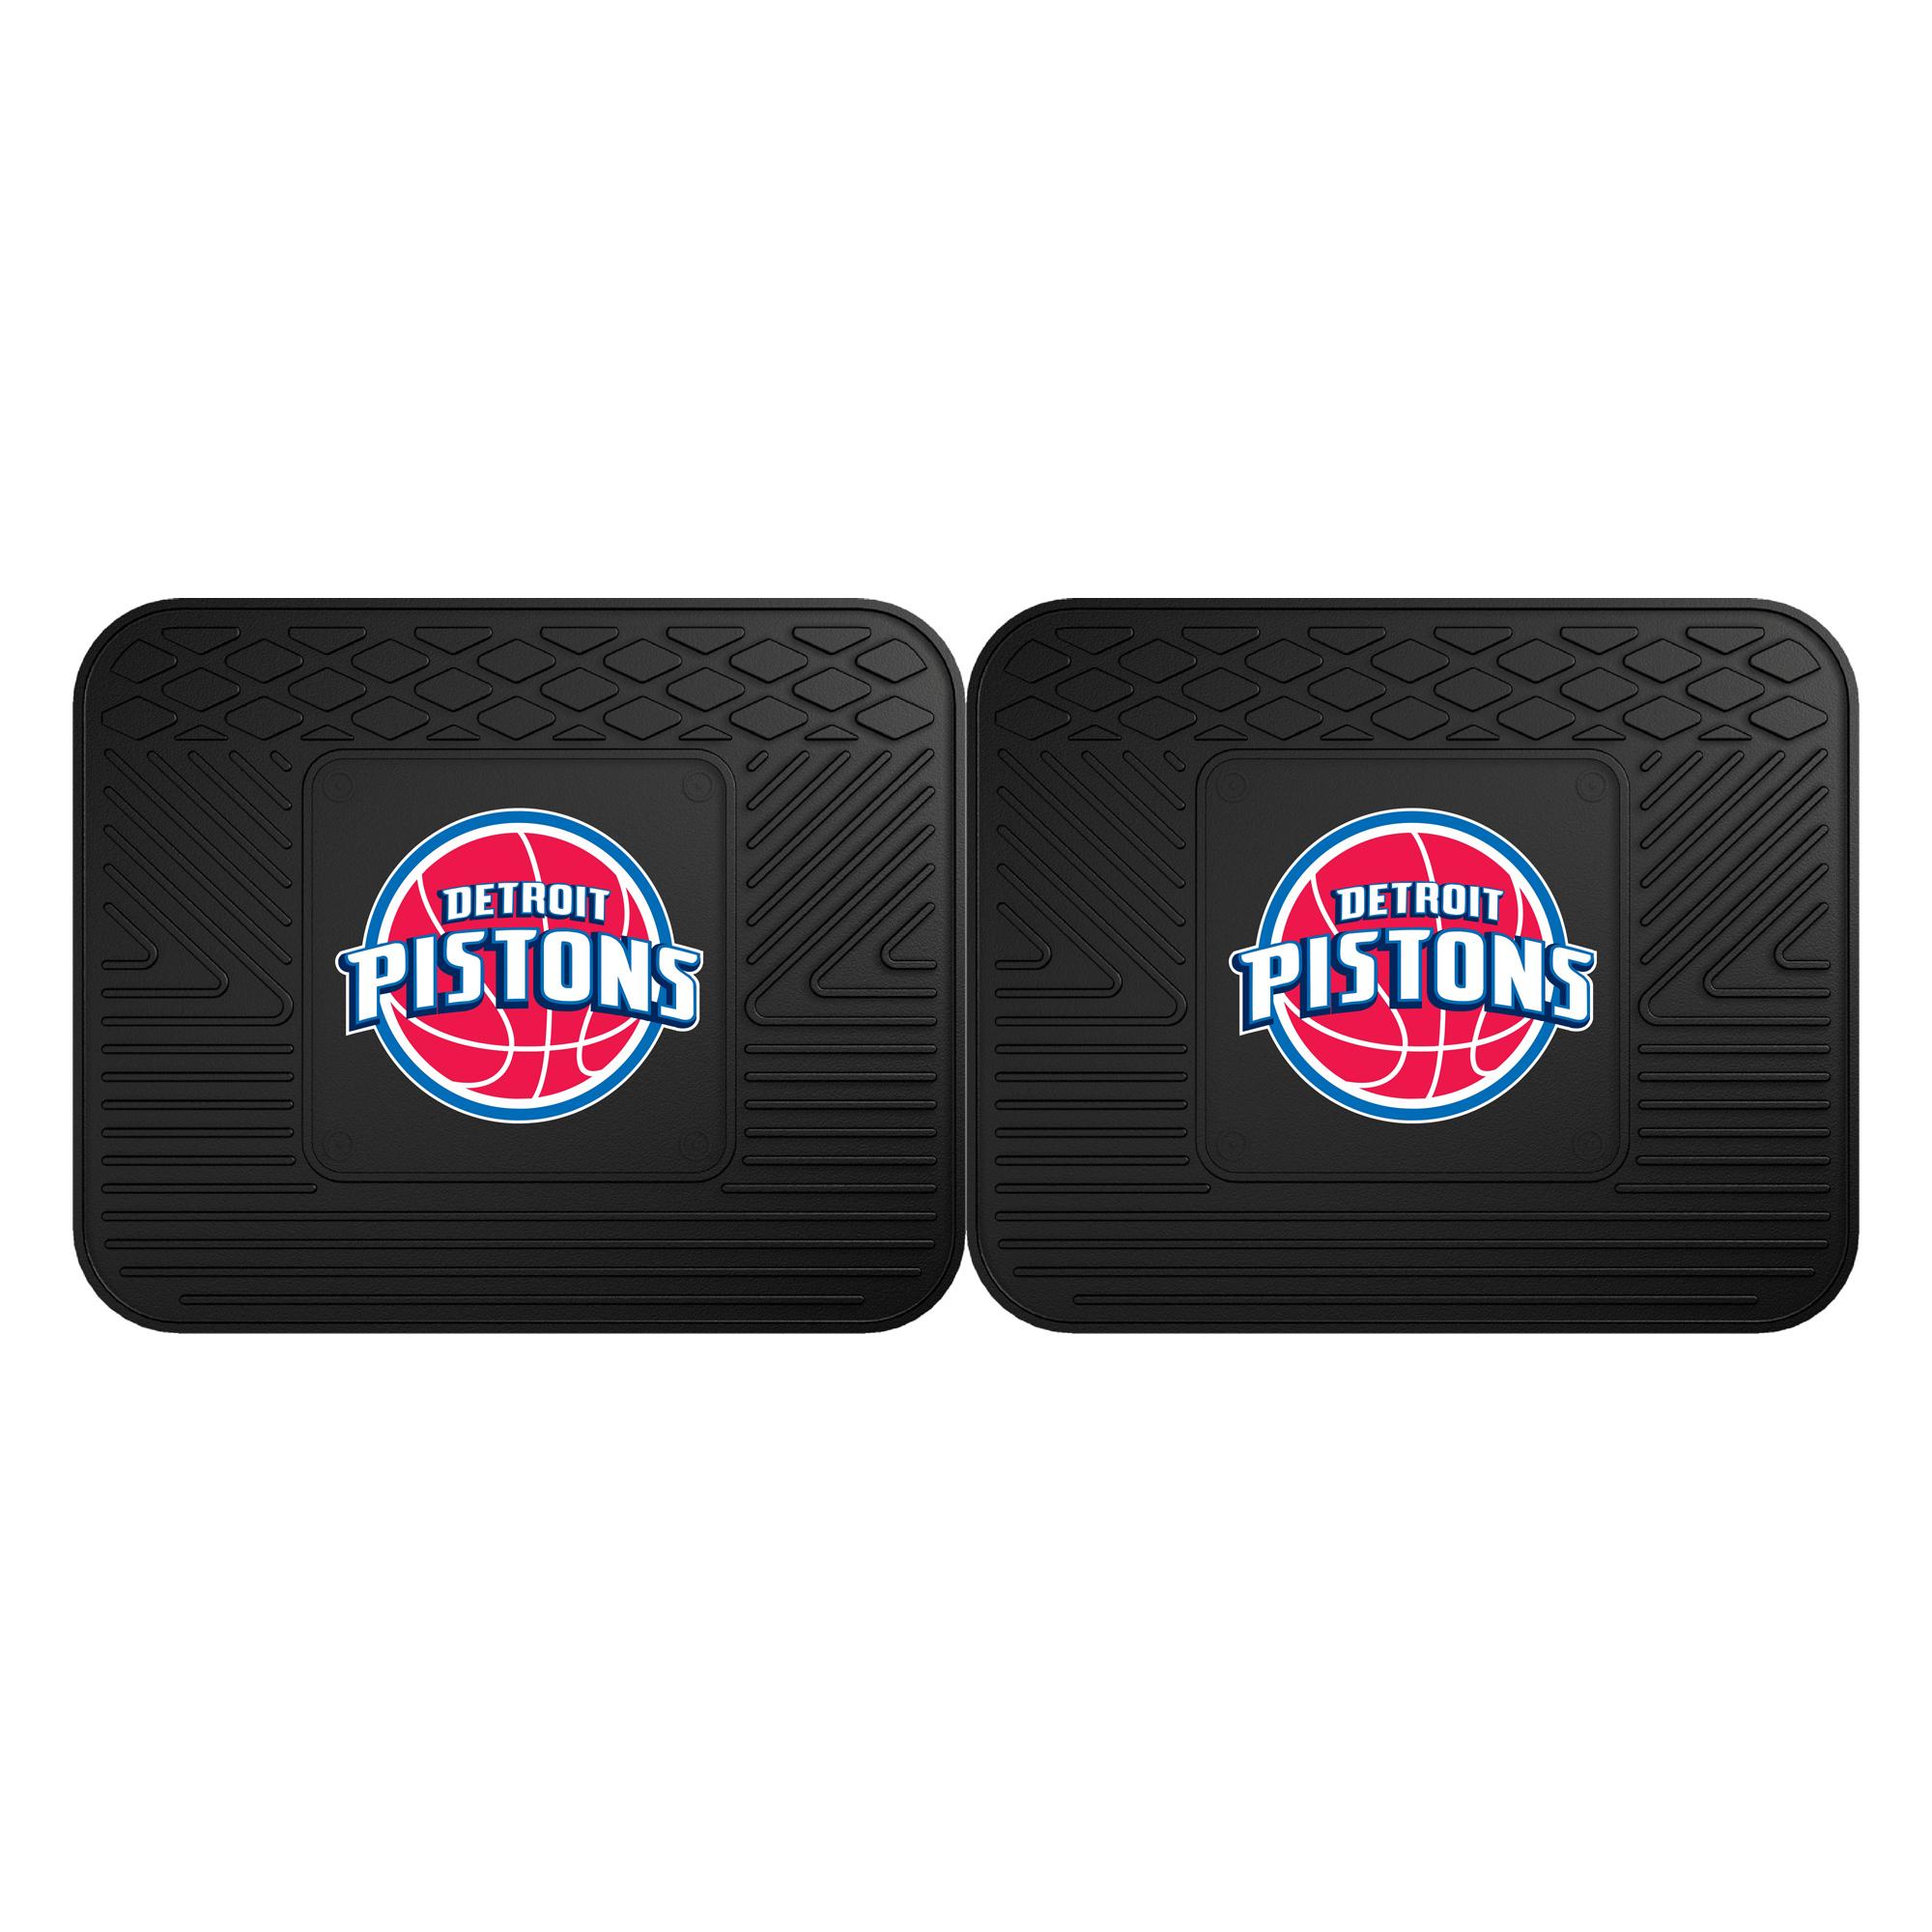 Detroit Pistons 2-Pack Utility Mat Set - No Size